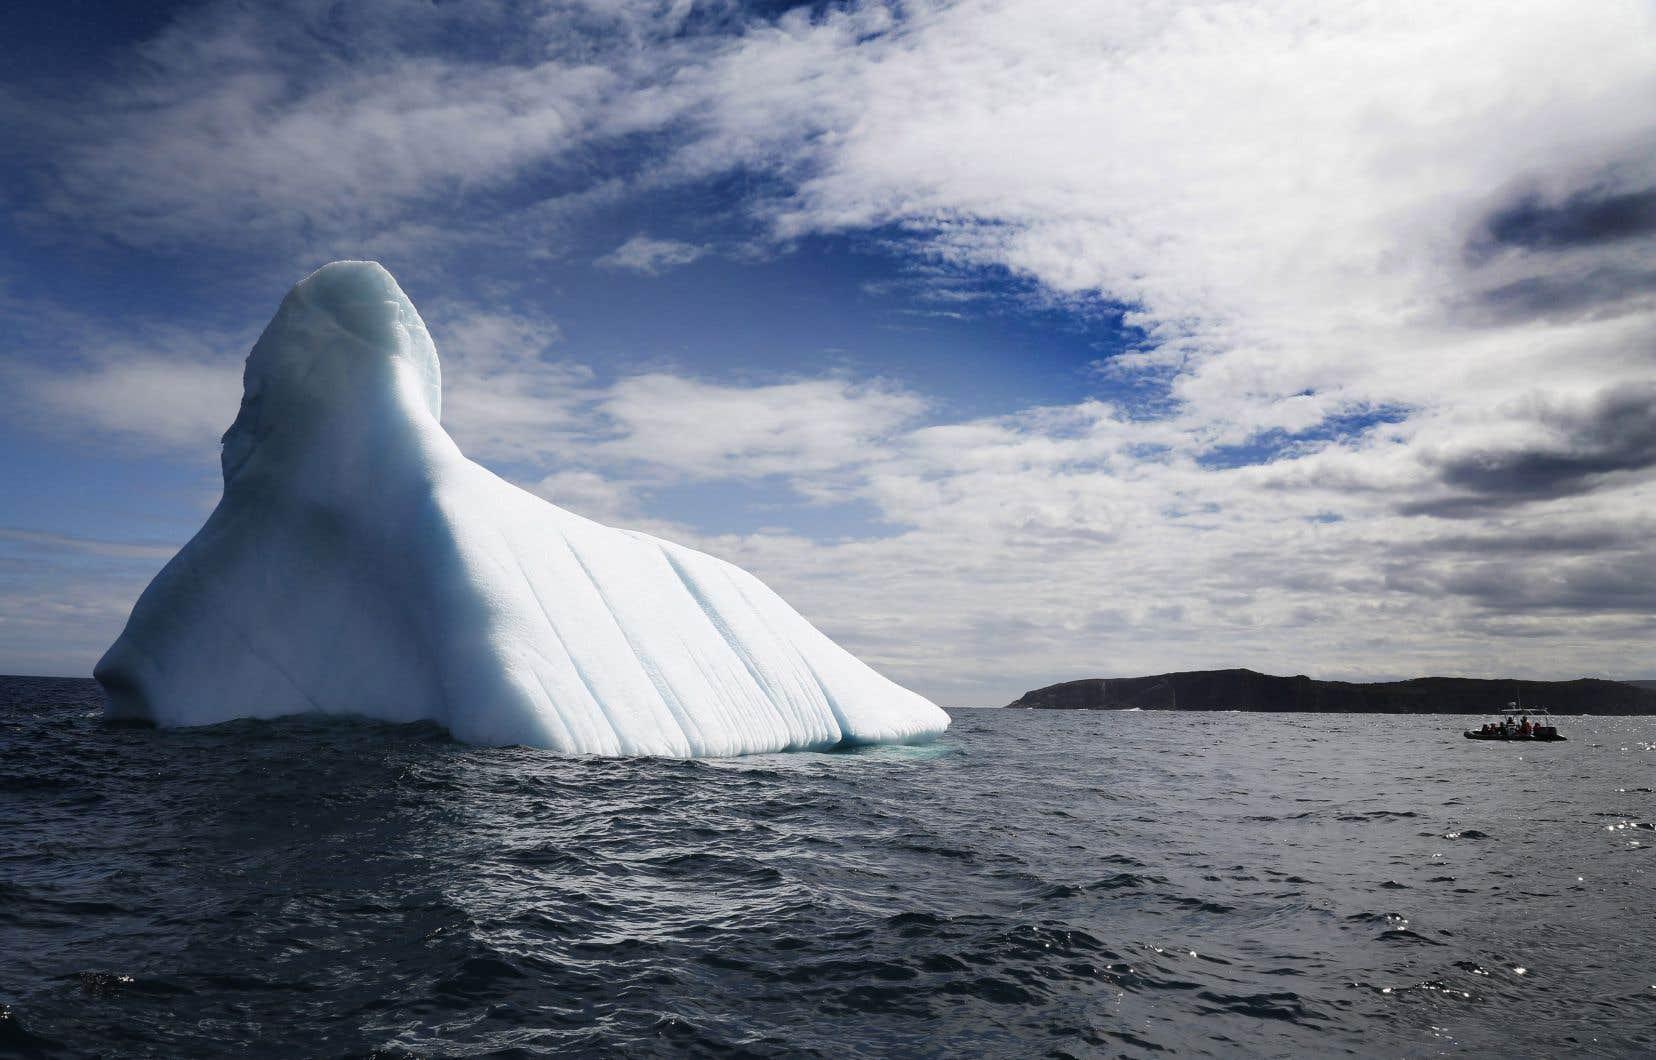 «Le réchauffement climatique s'accélère et plus nous attendons, plus le coût des efforts pour s'adapter au climat changeant augmentera de façon exponentielle», écrit l'auteur.